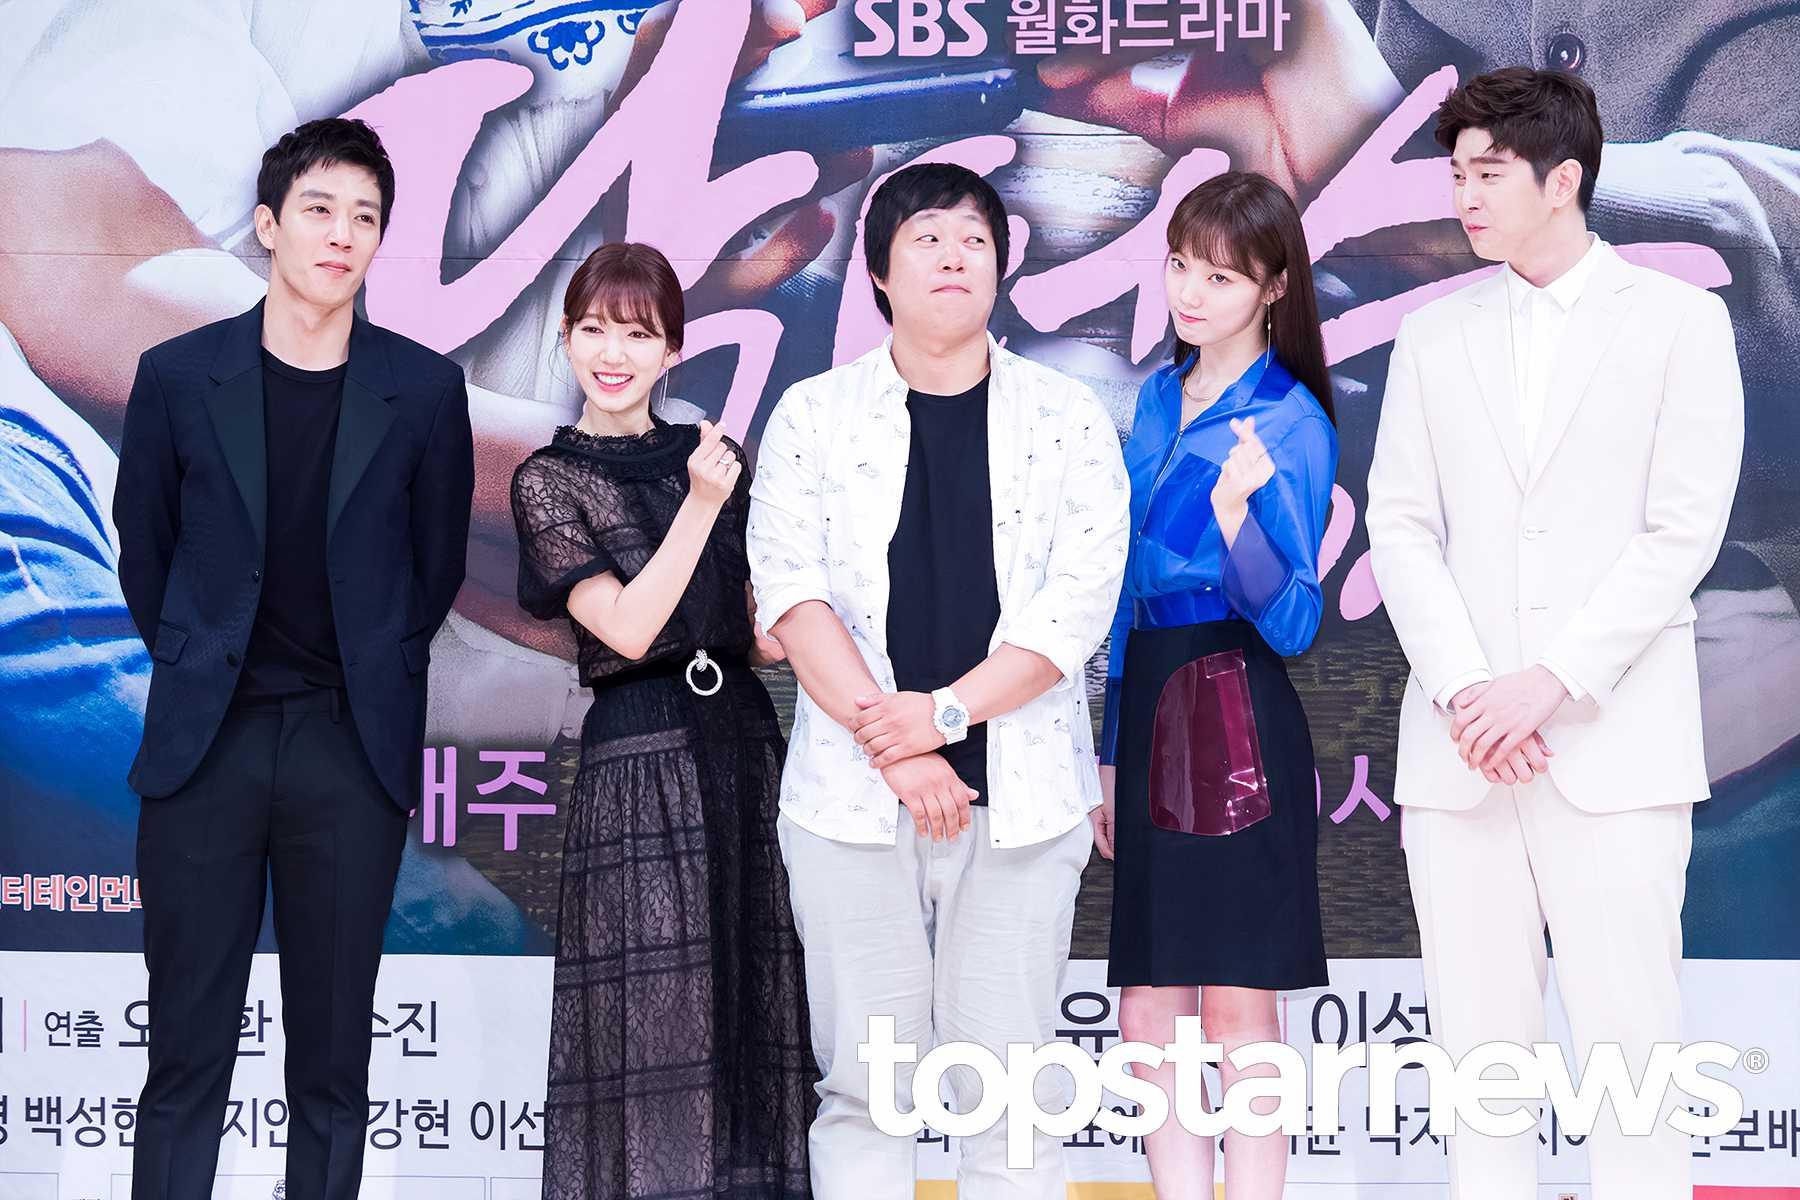 15日,朴信惠、李聖經、金來沅、尹均相等主演人員,出席了將在6月20日起播出的SBS月火連續劇《Doctors》的製作發表會